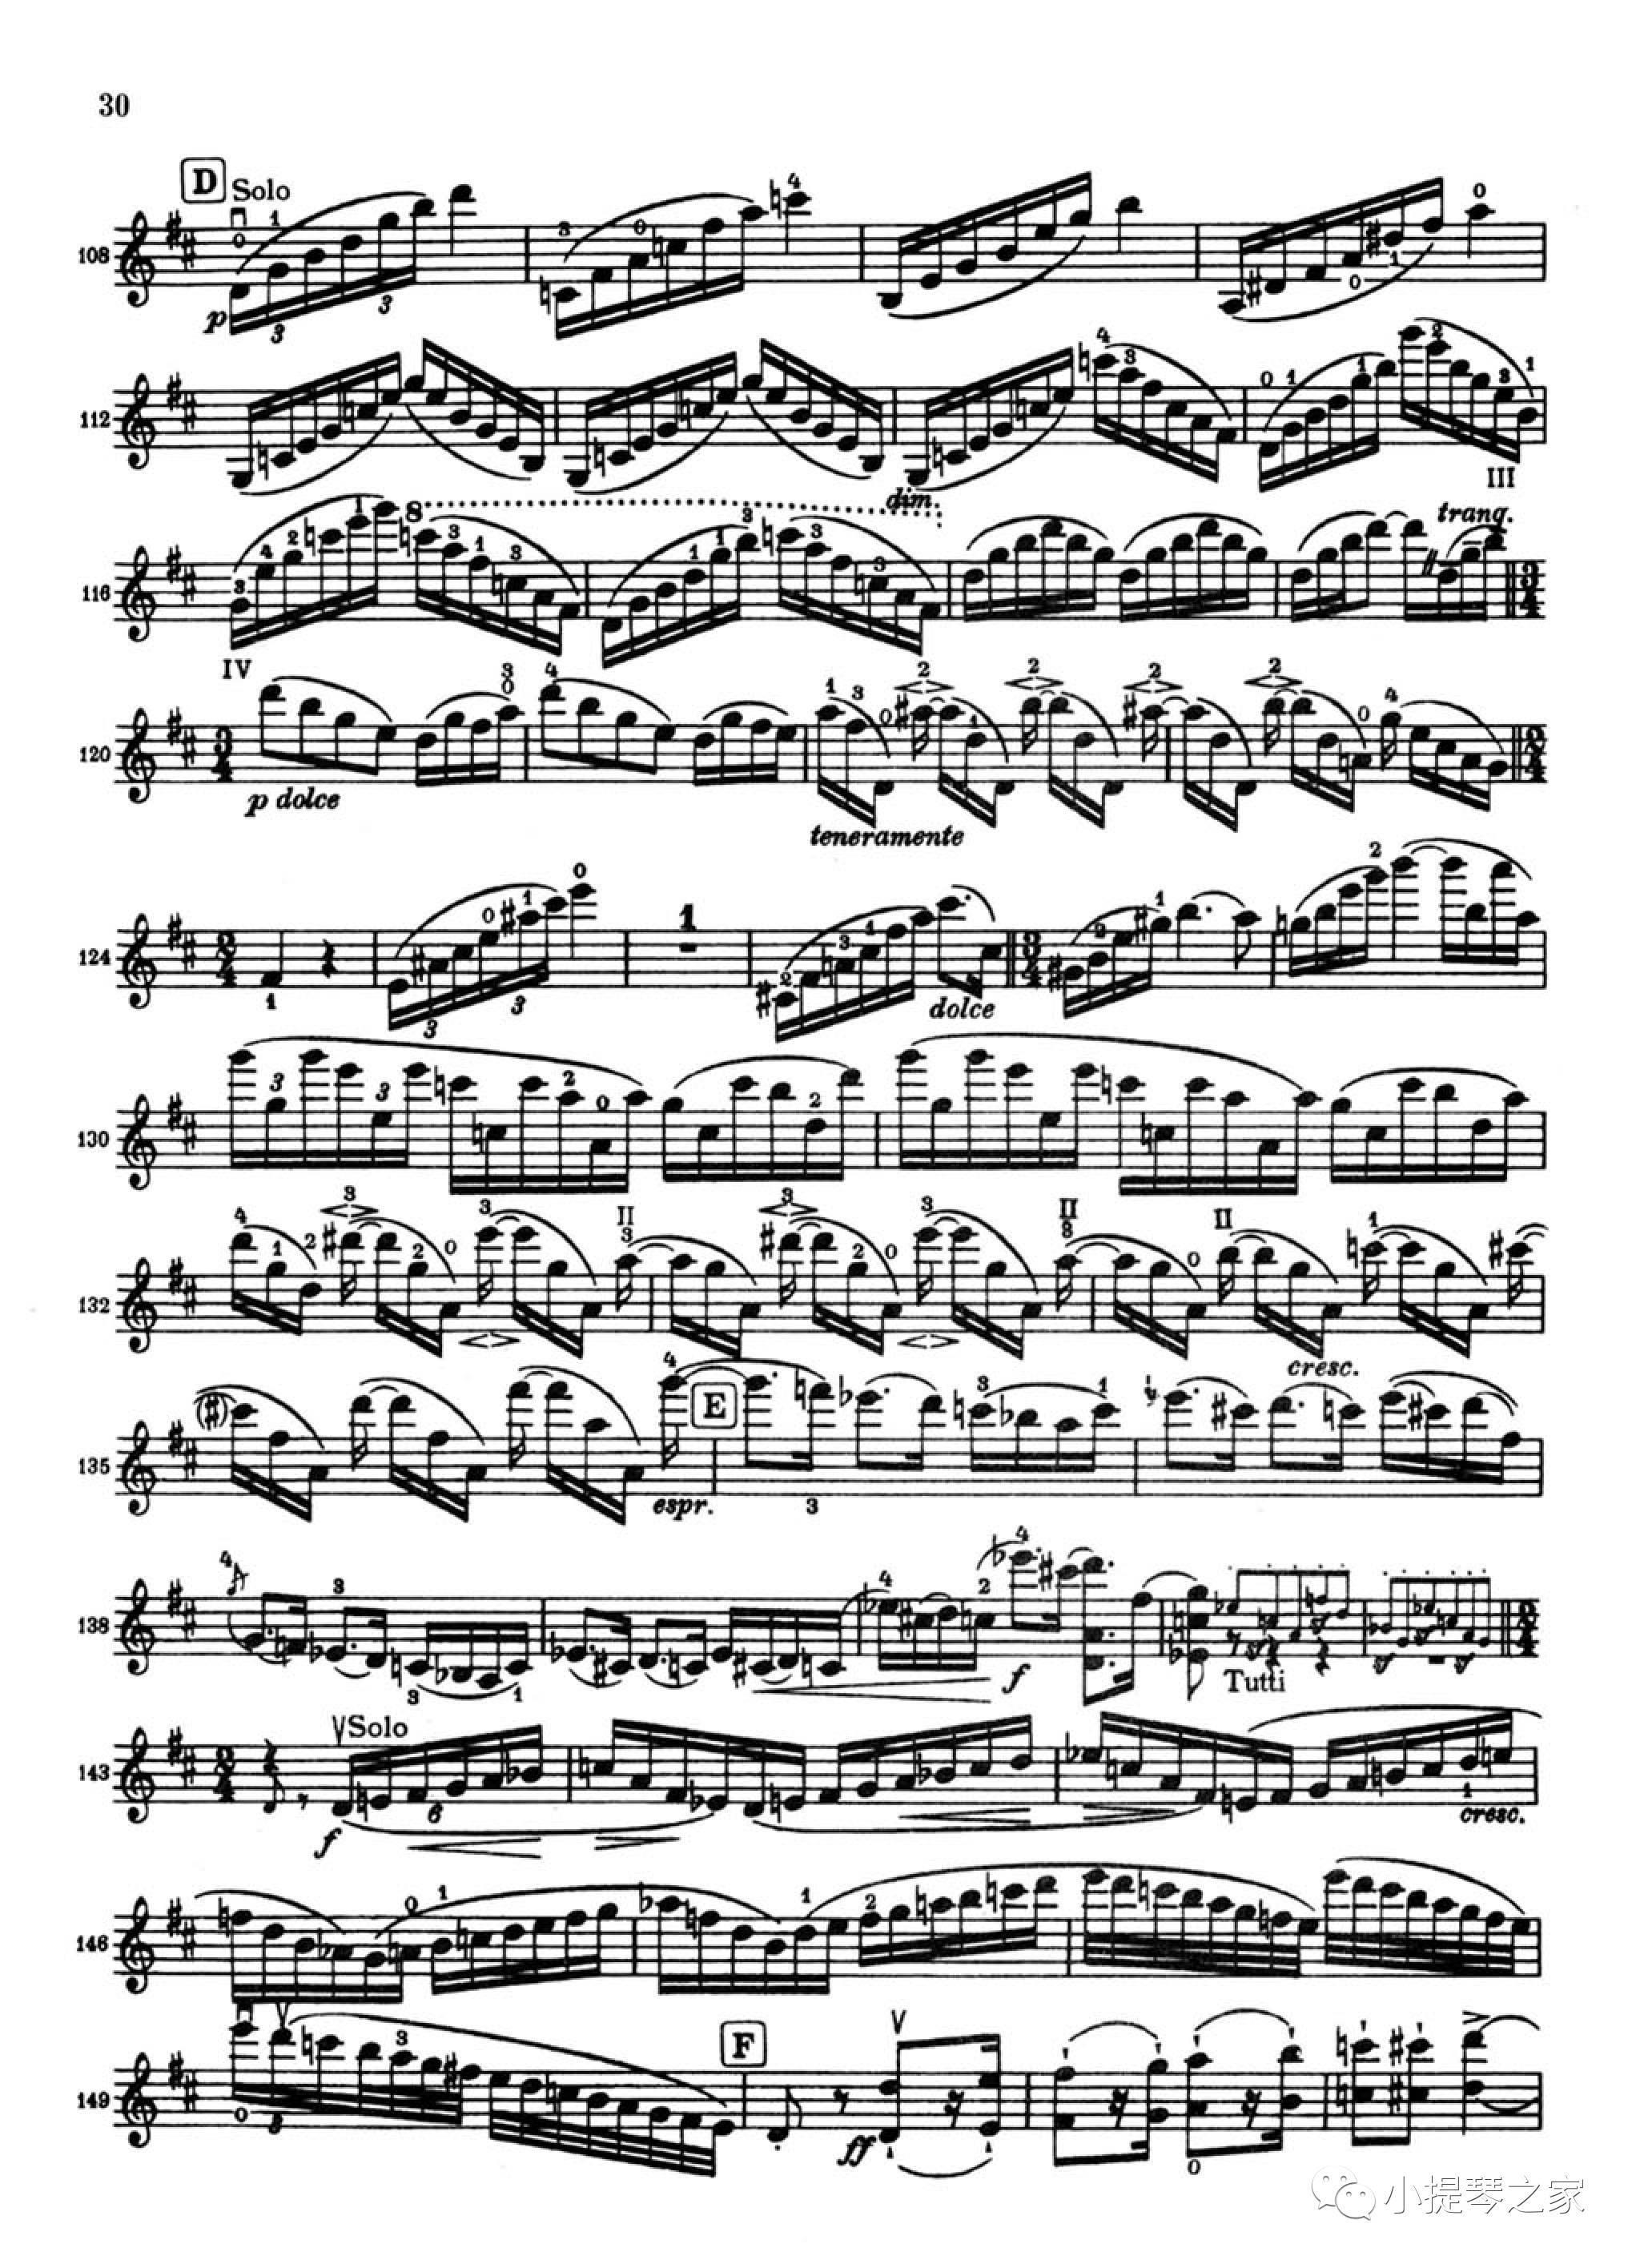 田园牧歌:珍妮杨森演奏《勃拉姆斯d大调小提琴协奏曲》附小提琴谱图片